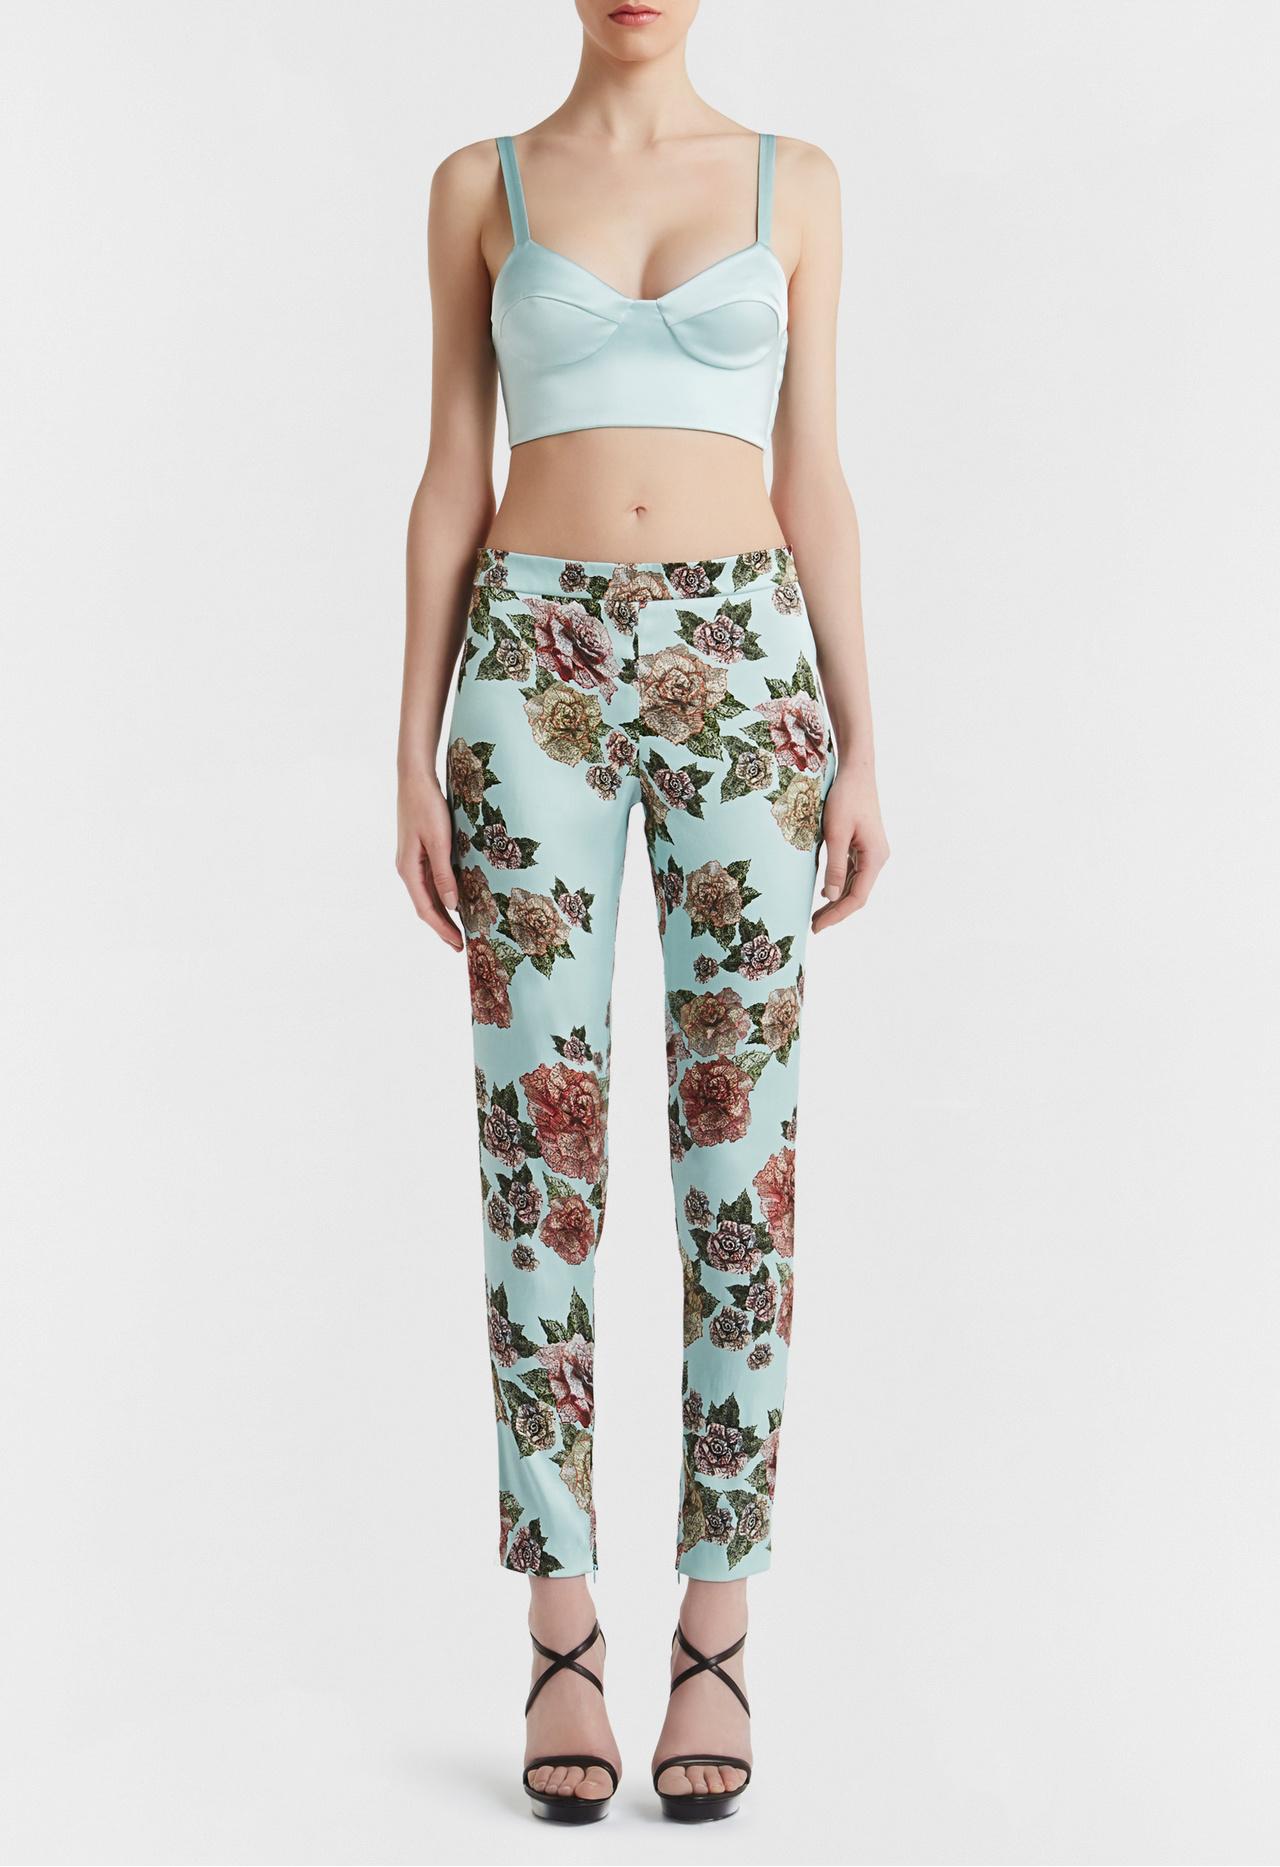 Maps in Bloom: Розы и полоски в нестандартной летней коллекции нижнего белья и одежды от La Perla